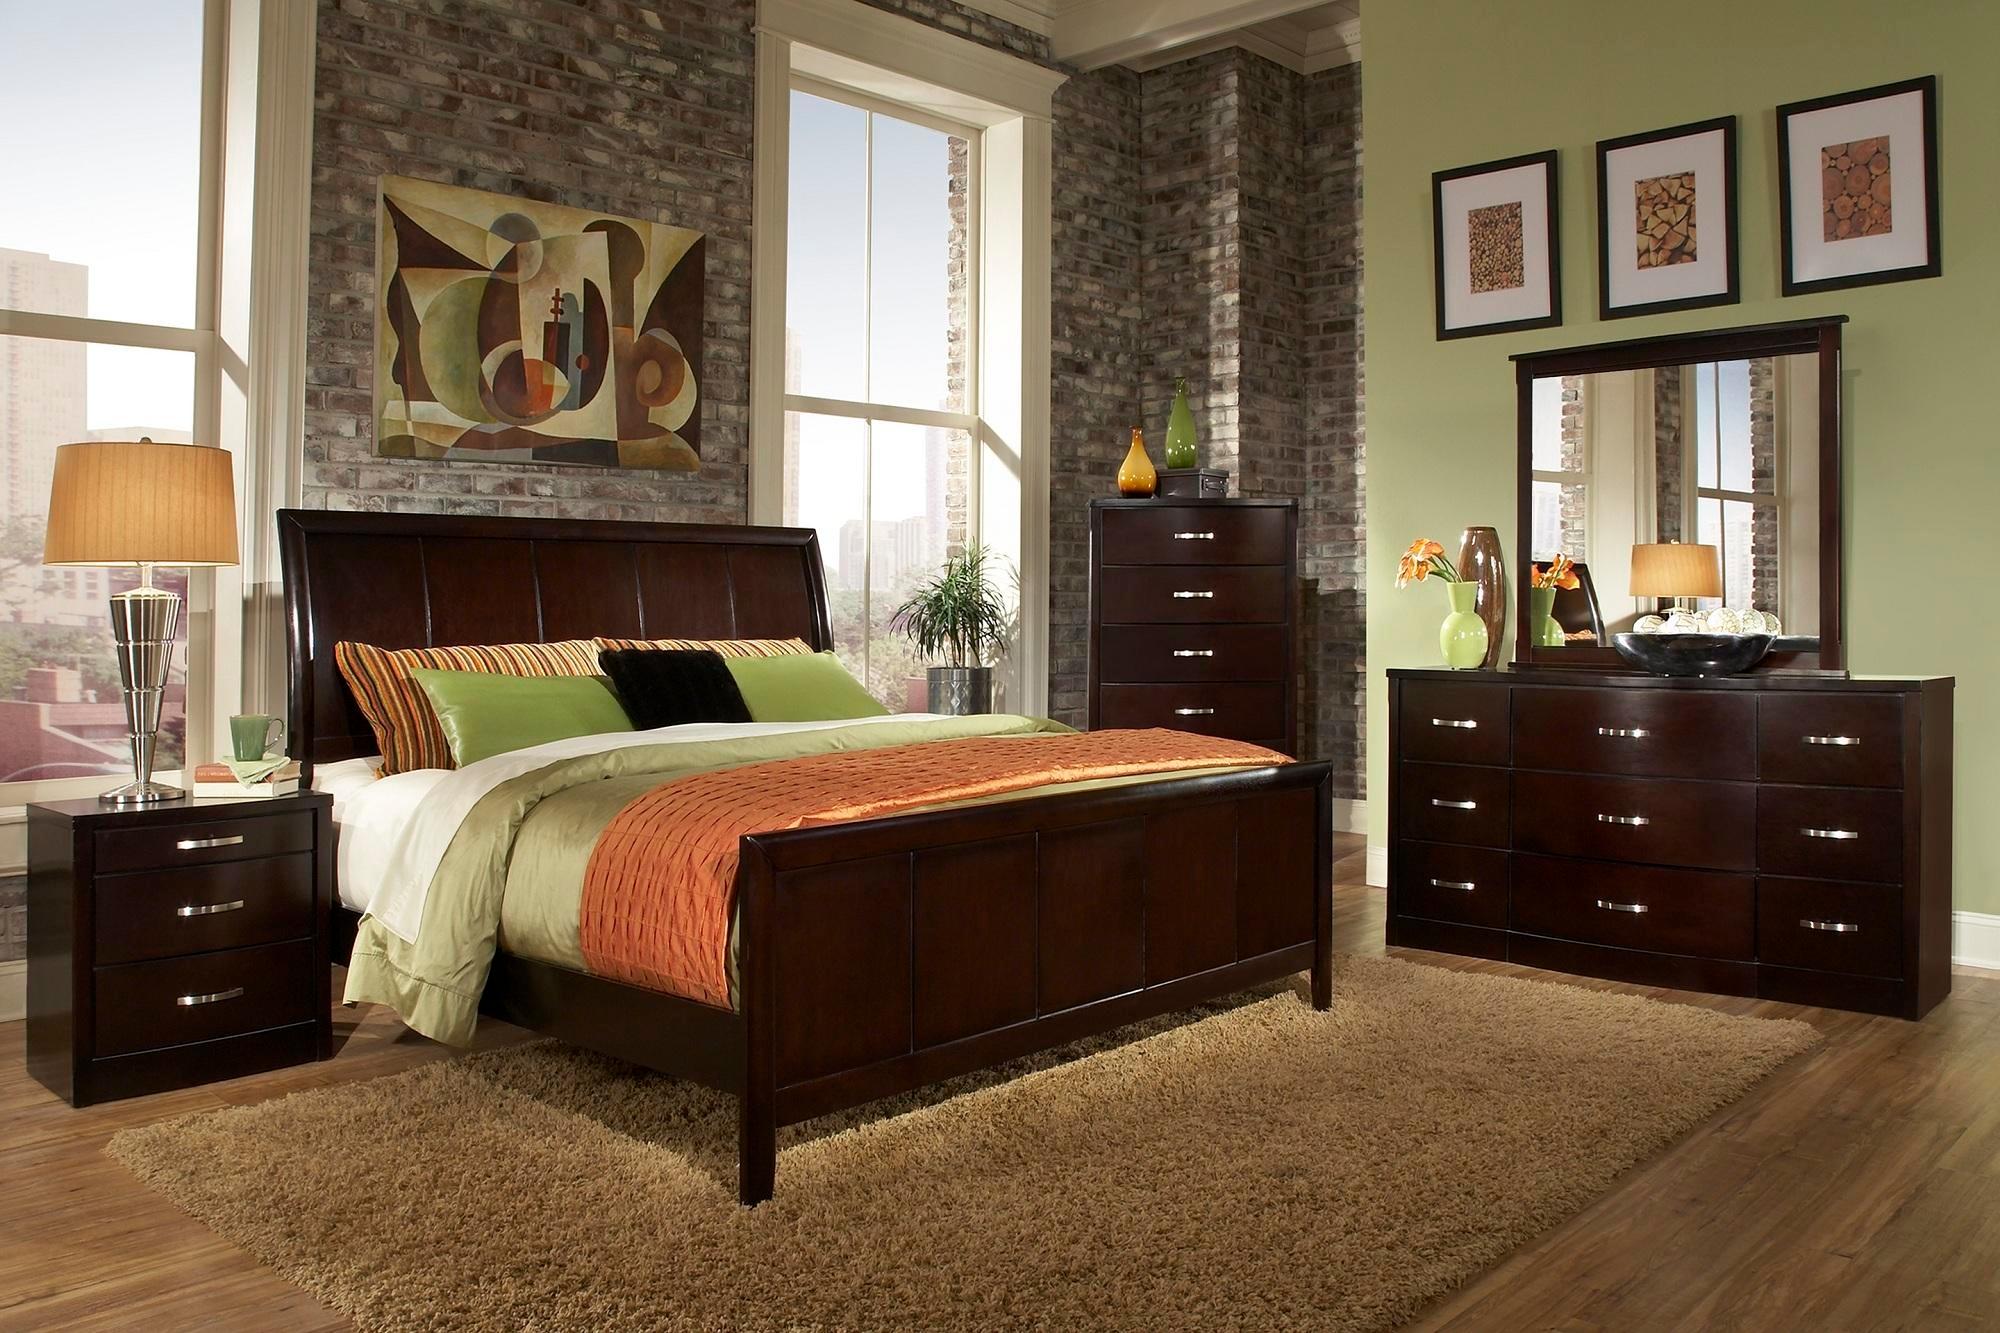 Atlantic Bedding and Furniture Marietta